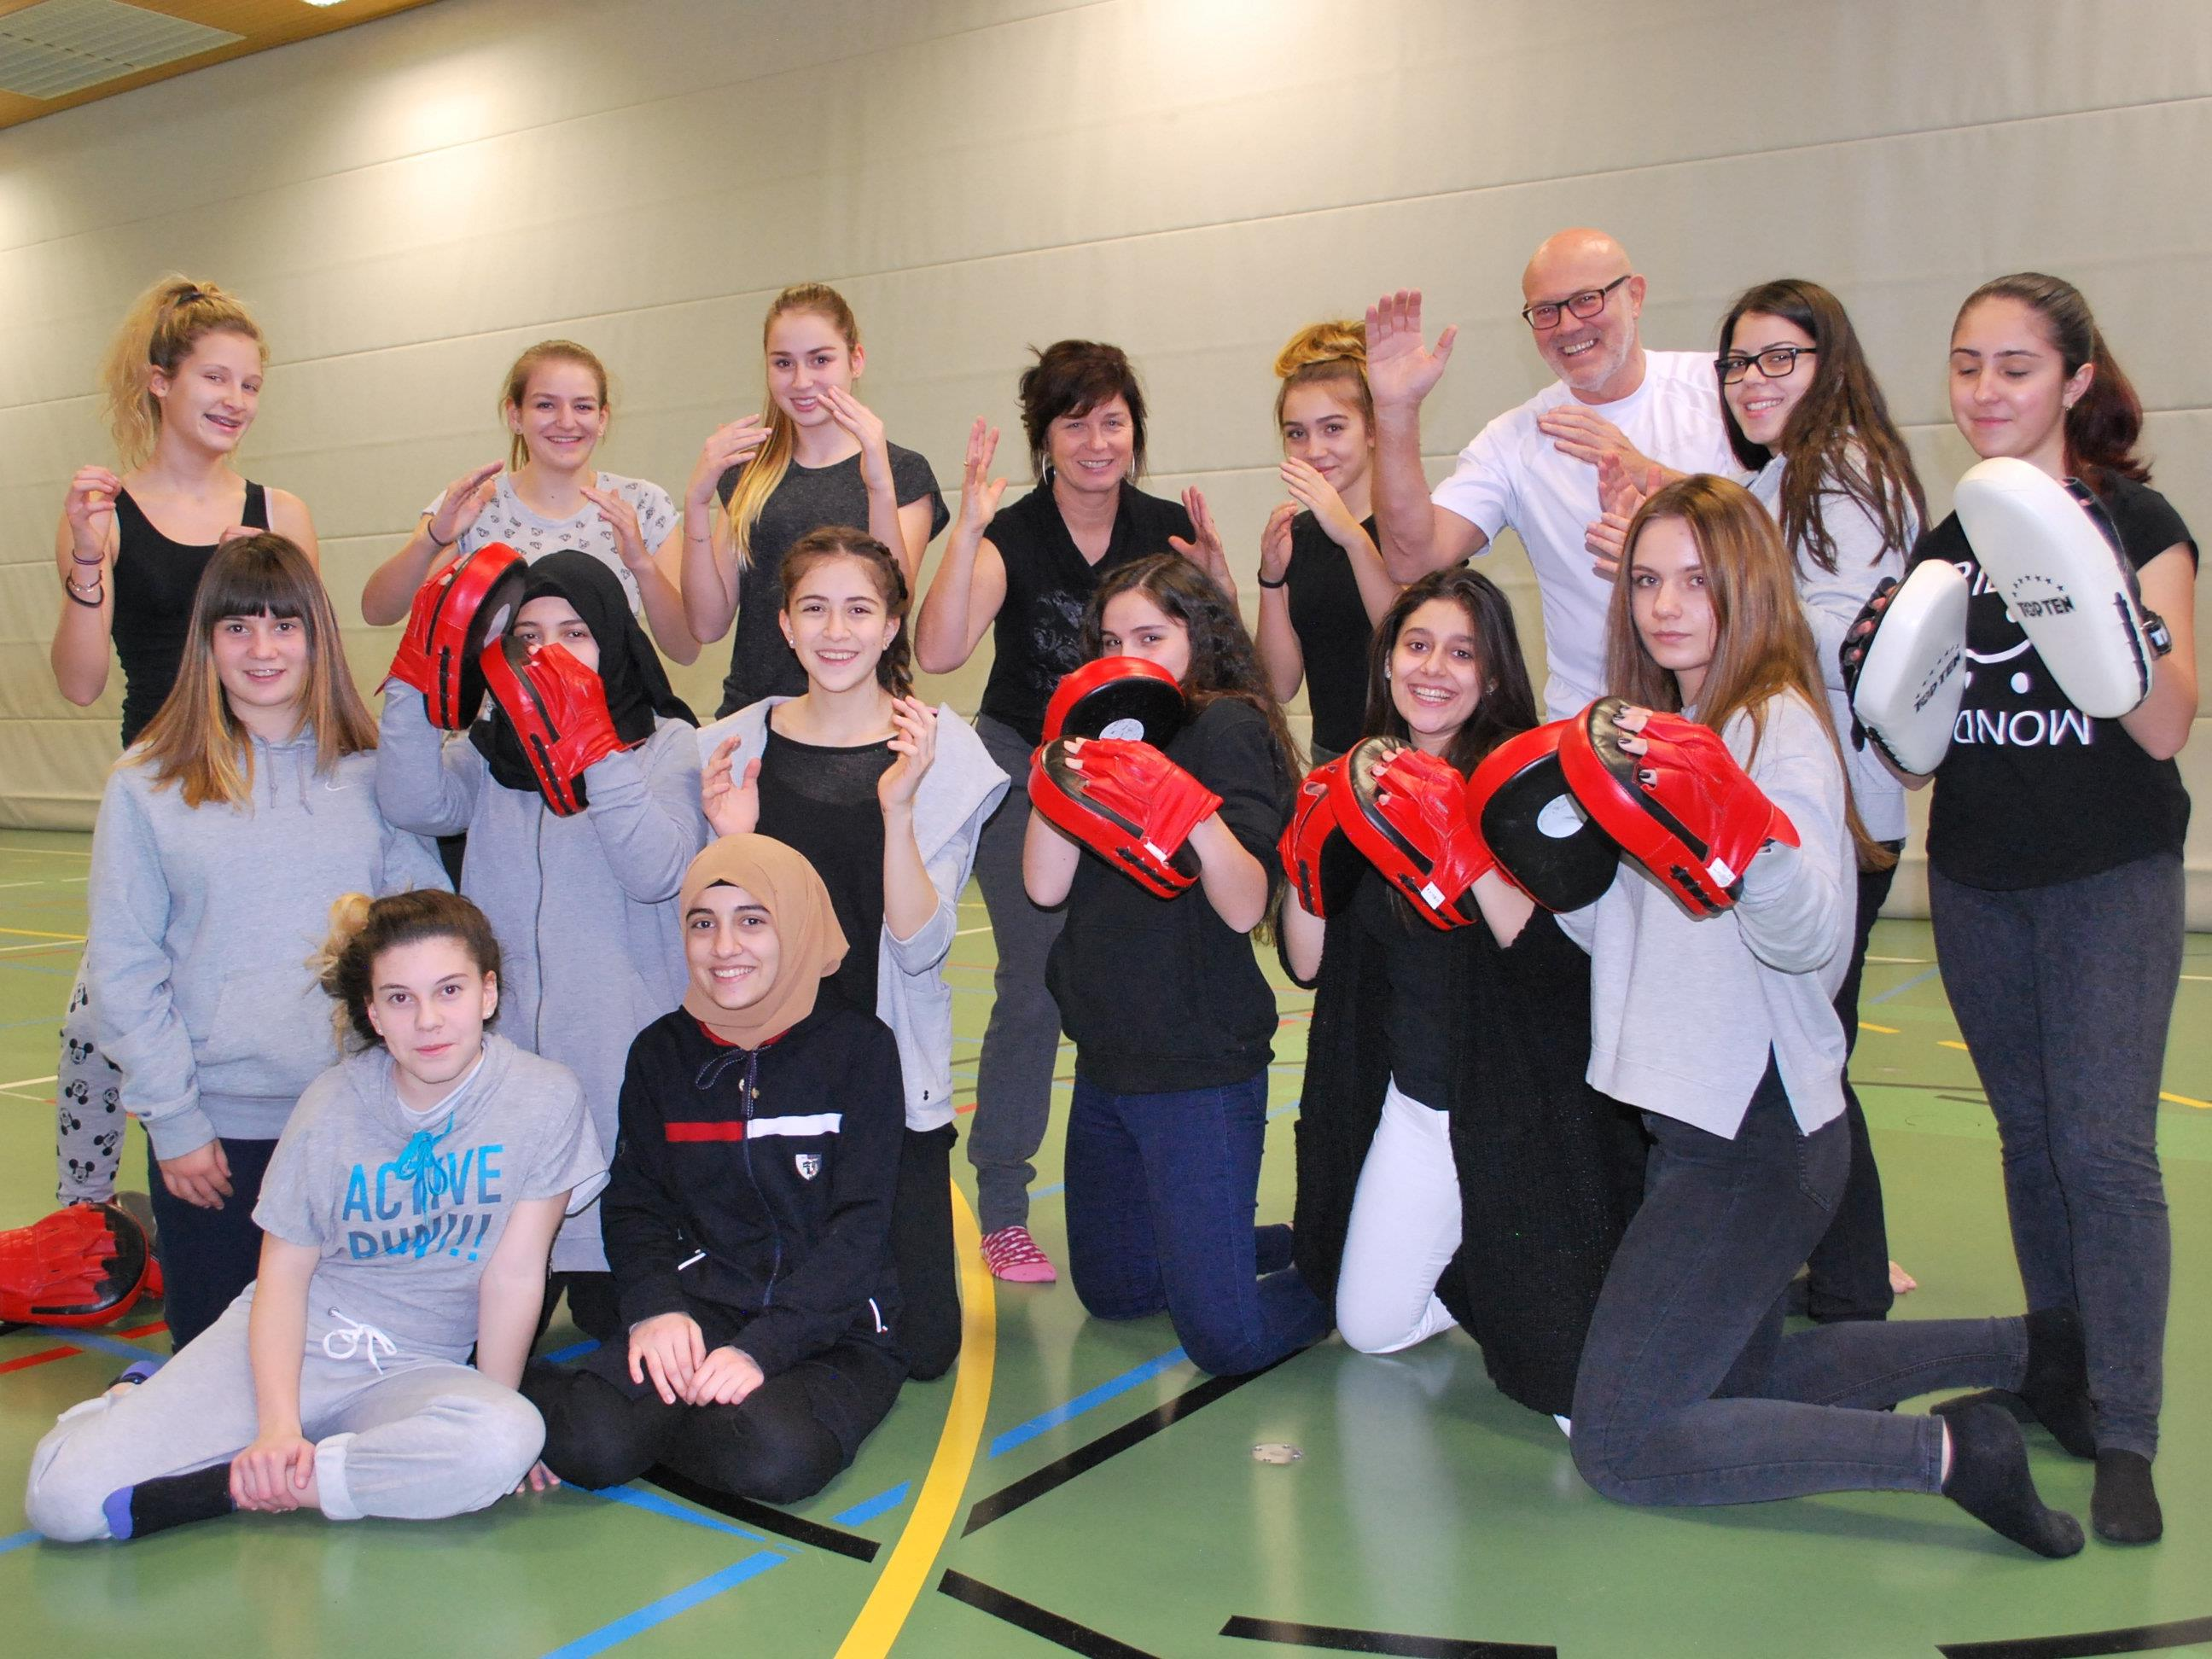 Landestrainer Walter Braitsch von Karate Vorarlberg bringt SPM an die Polytechnische Schule Dornbirn. Die Lehrerin Christa Giesinger ist ebenfalls dabei. (4. vl hinten)